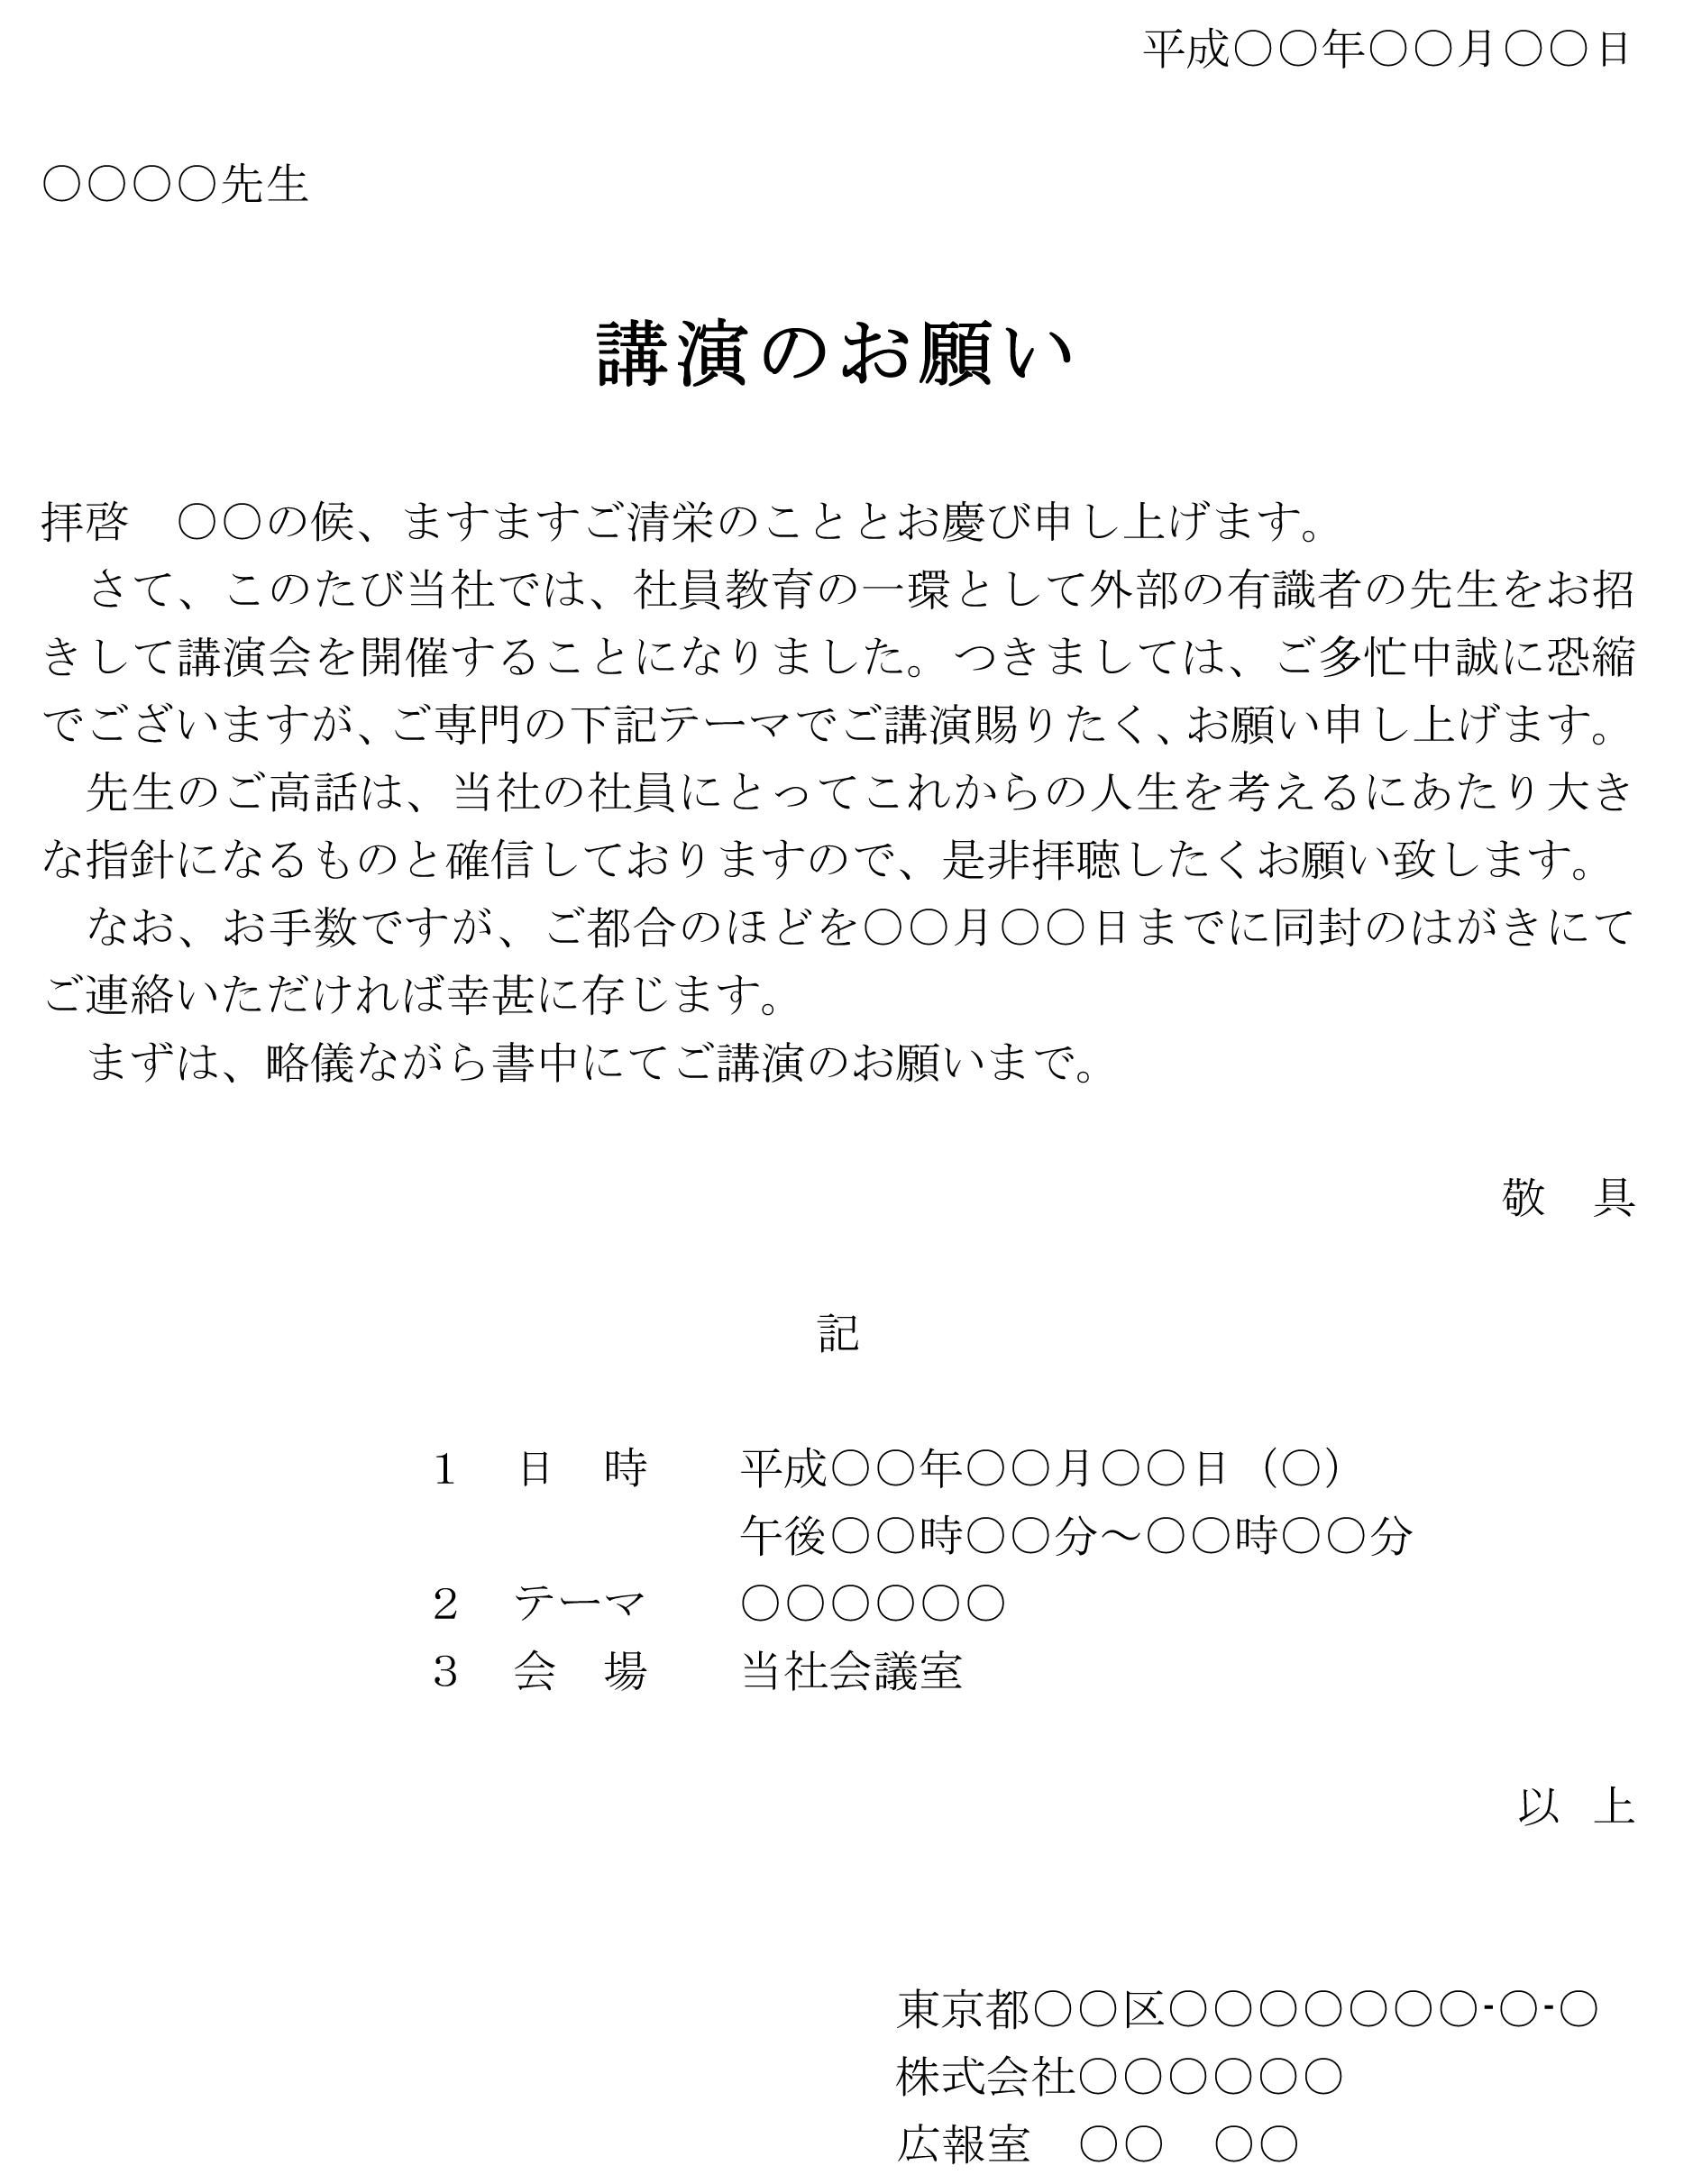 依頼状(講演)